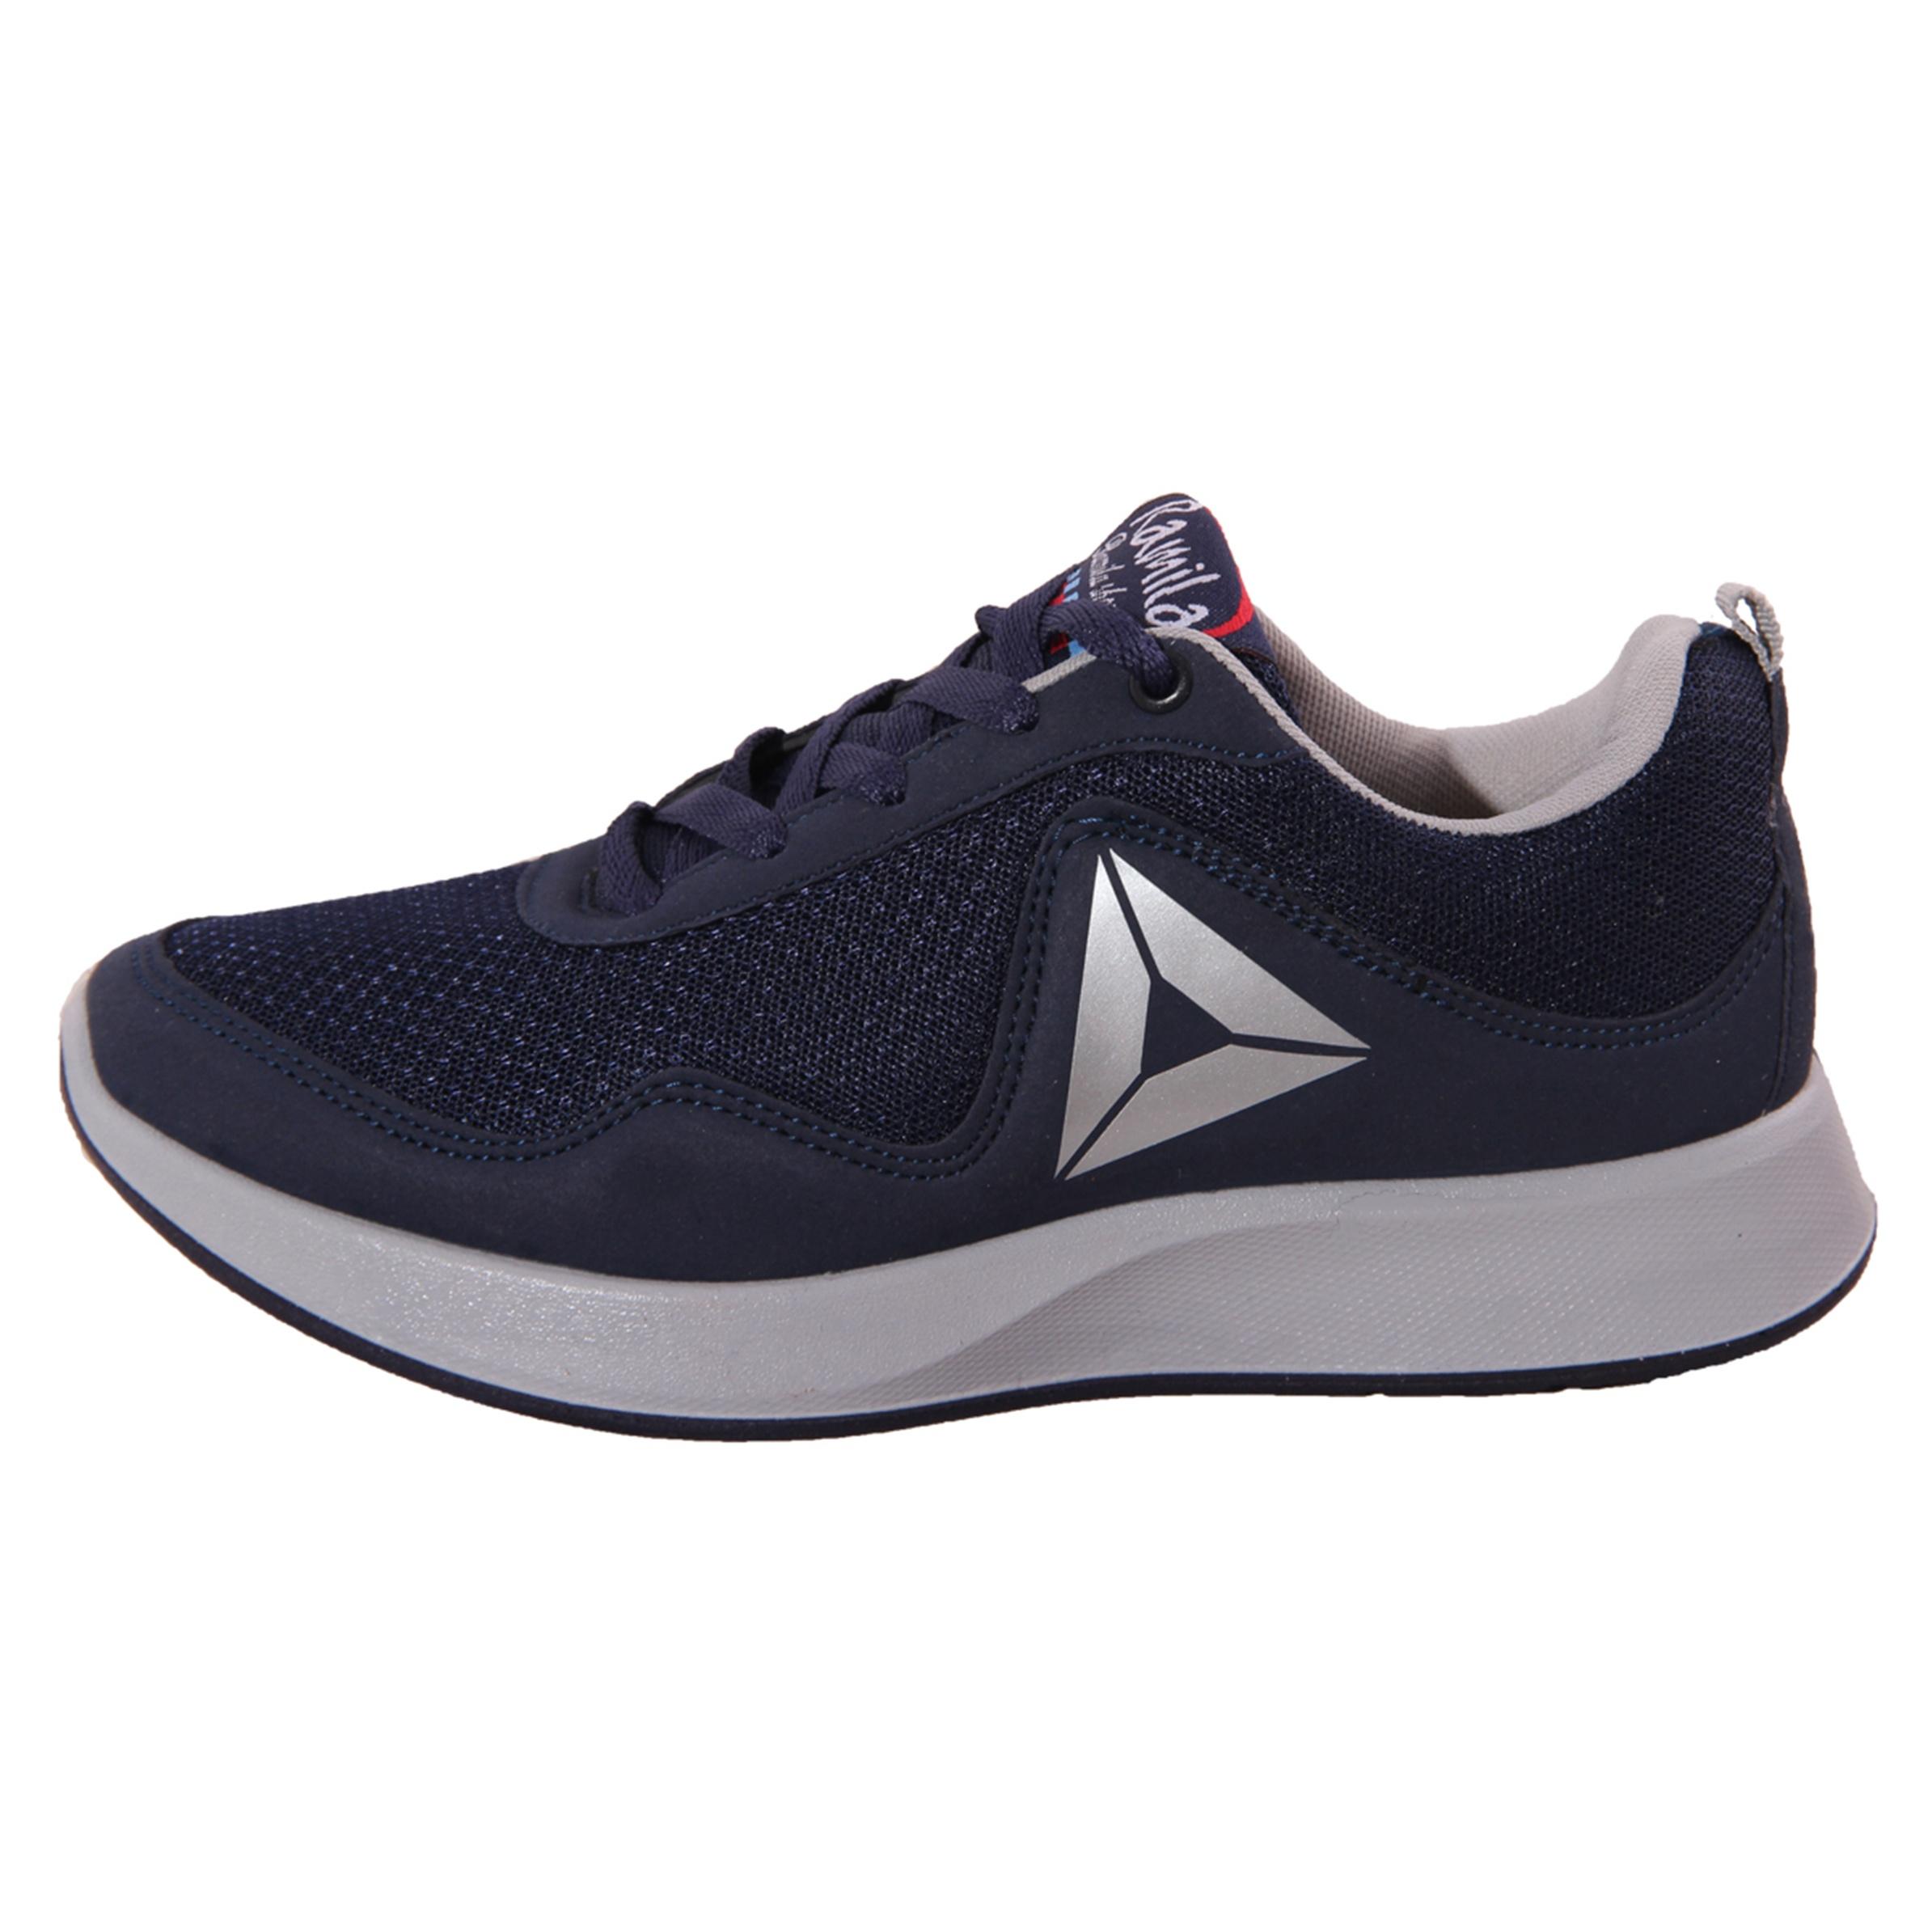 کفش مخصوص پیاده روی زنانه کد 13-2398480